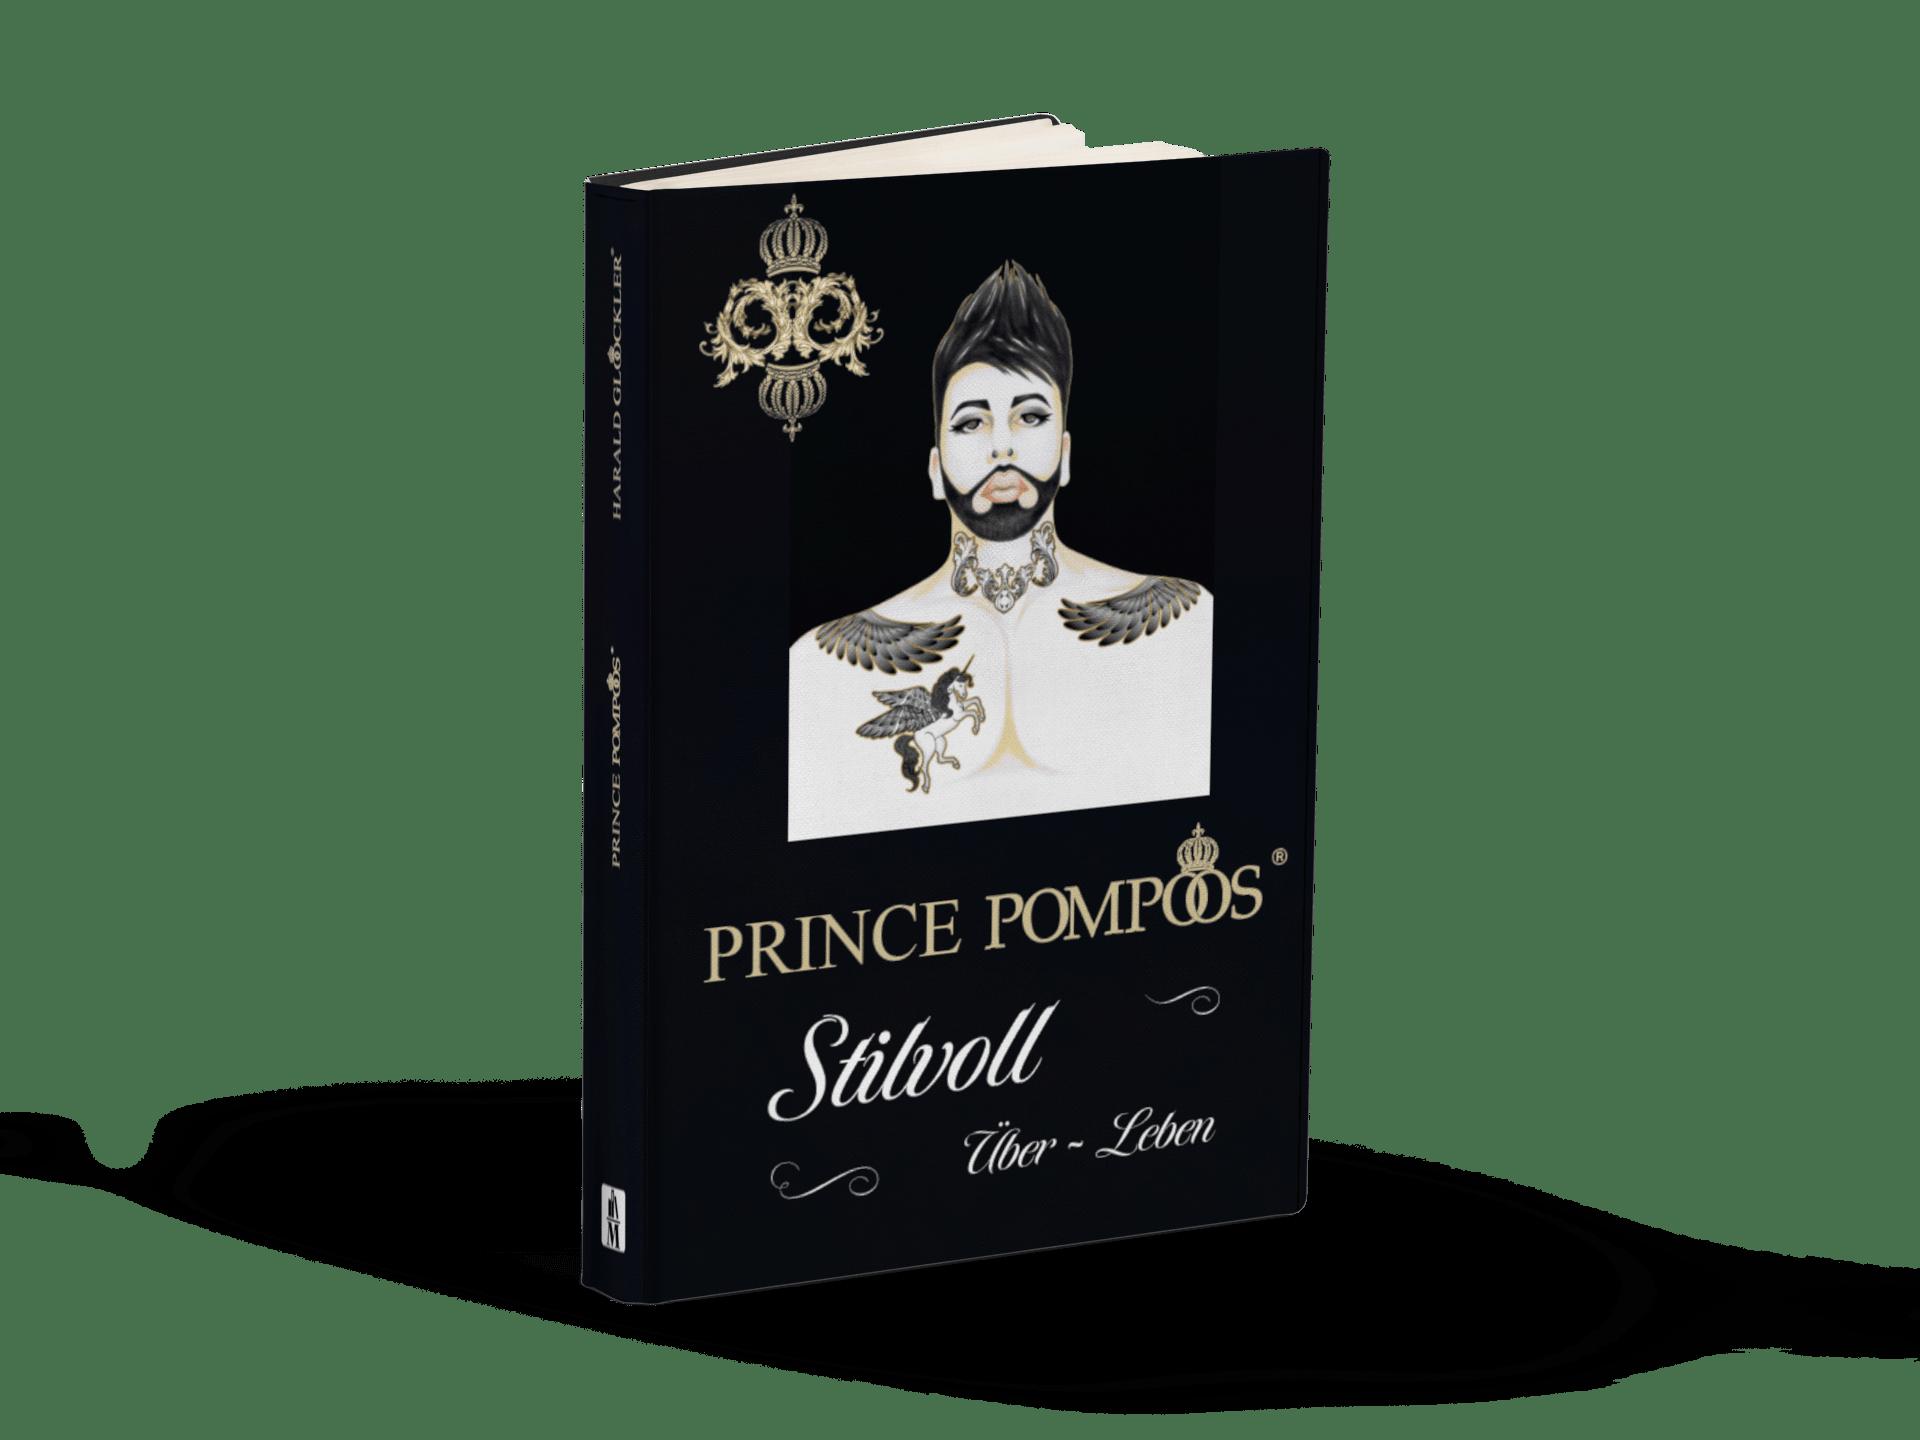 Prince Pompöös